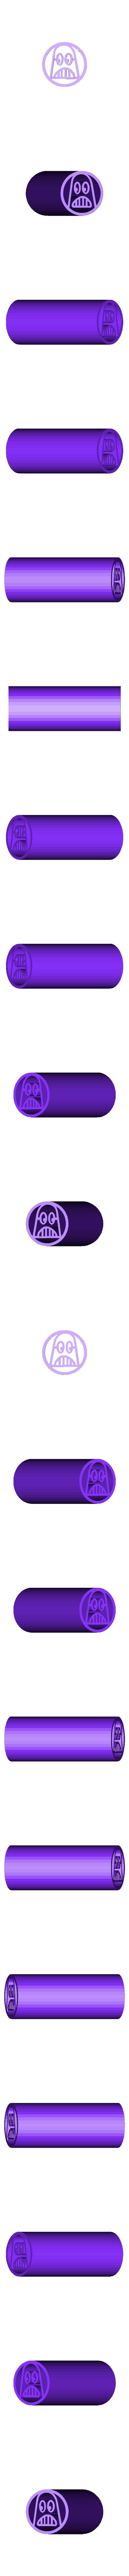 switchback.STL Télécharger fichier STL 36 CONSEILS SUR LES FILTRES À MAUVAISES HERBES VOL.1+2+3+4 • Design pour impression 3D, SnakeCreations